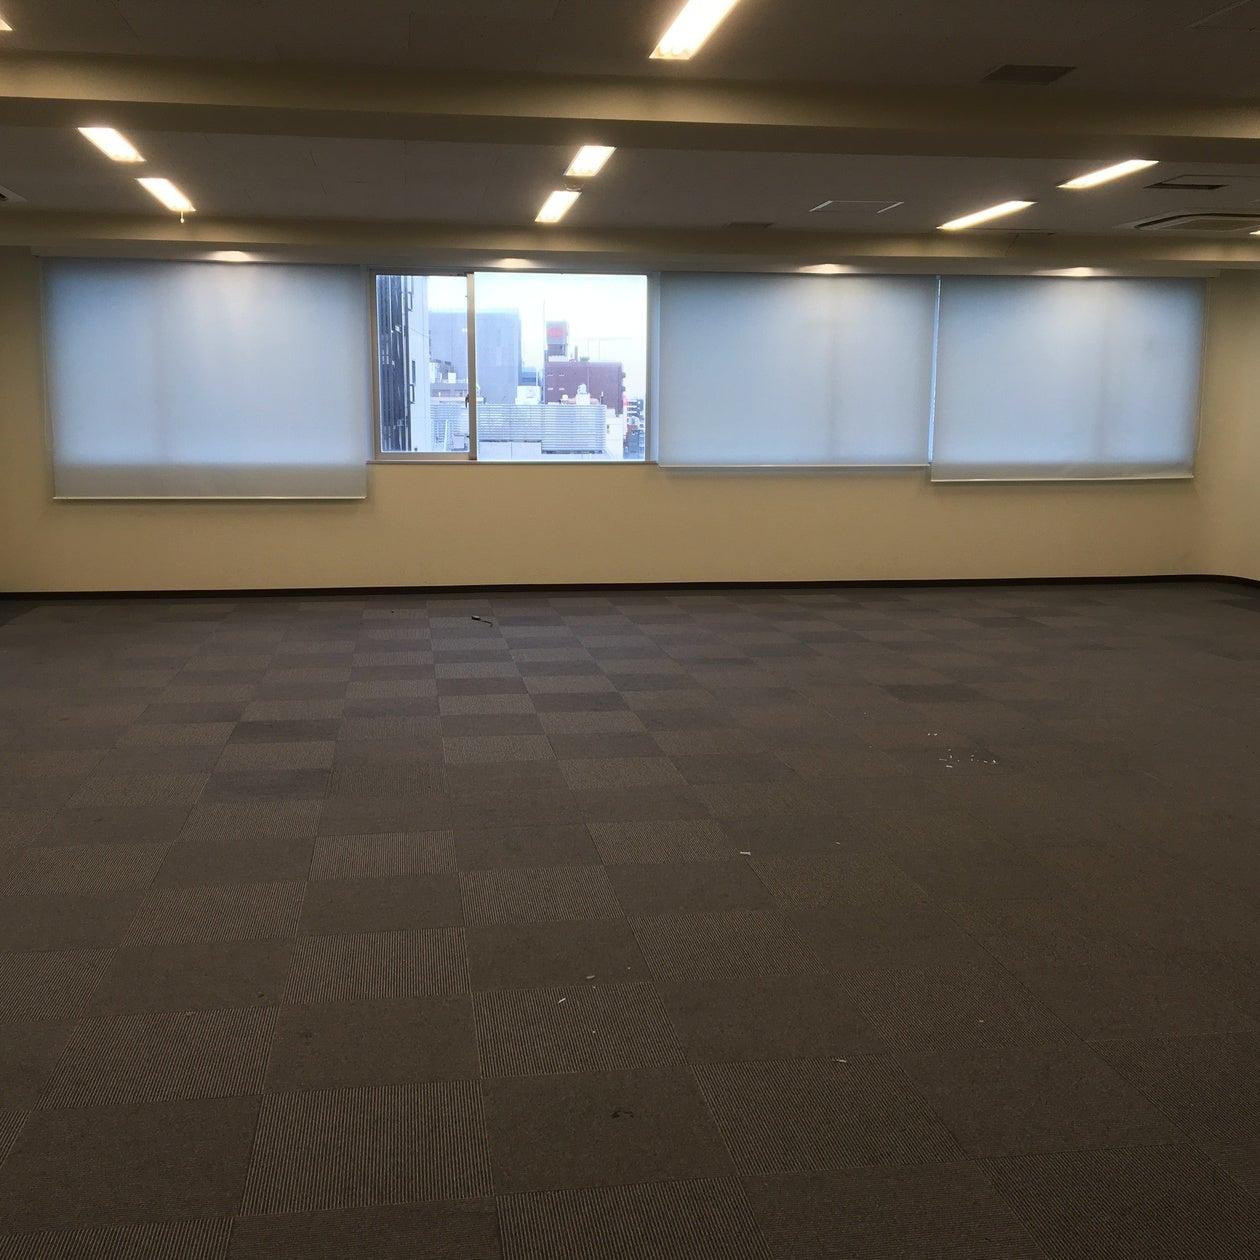 銀座線「田原町駅」からすぐ、国際通りに面したビル7階の広々スペース! 会議、イベントなどに最適!